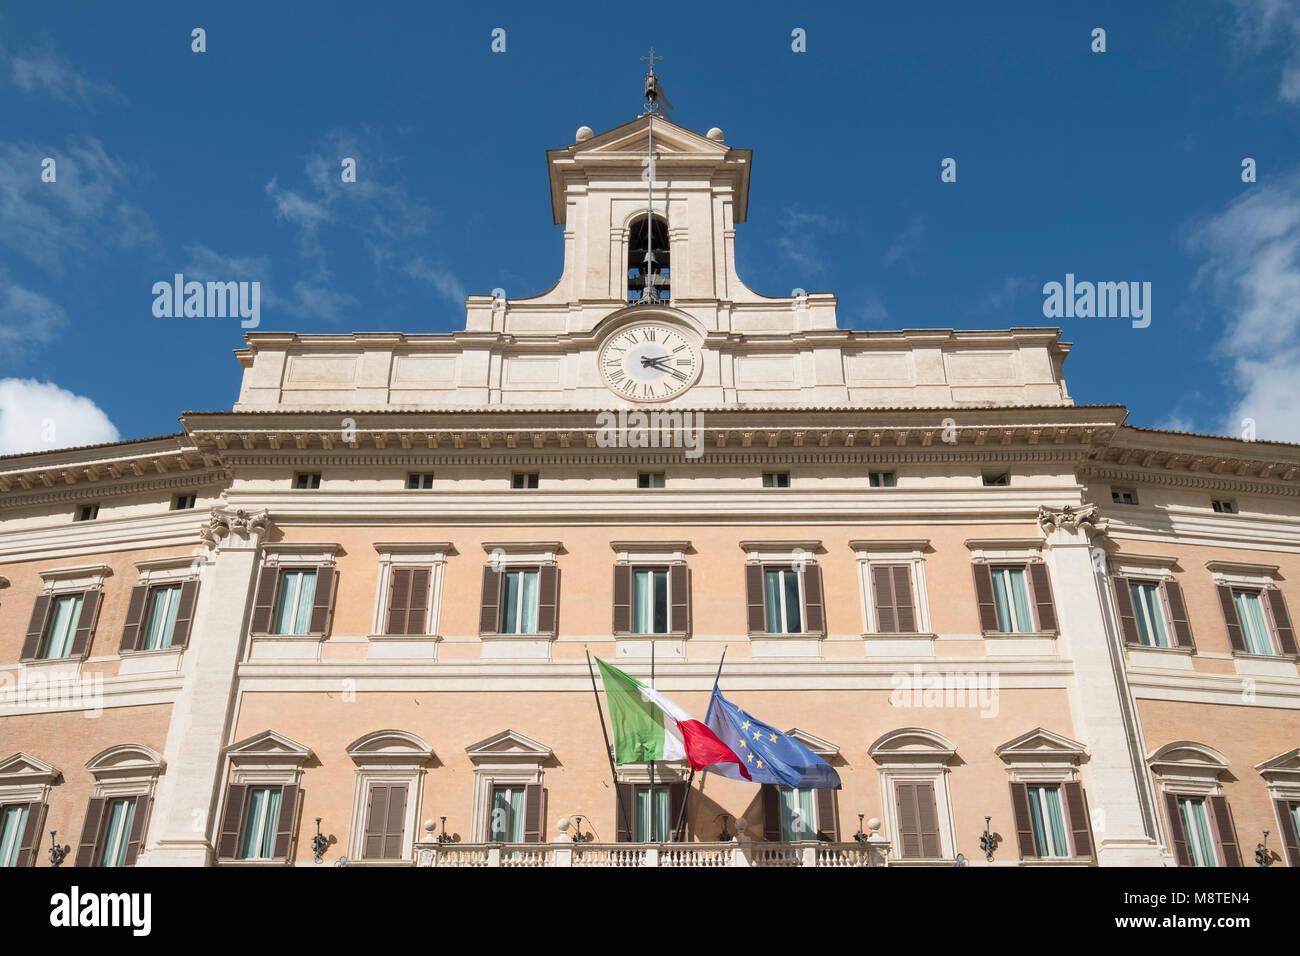 Palazzo Montecitorio in Rom - Sitz der repräsentativen Kammer des italienischen Parlaments. Stockbild